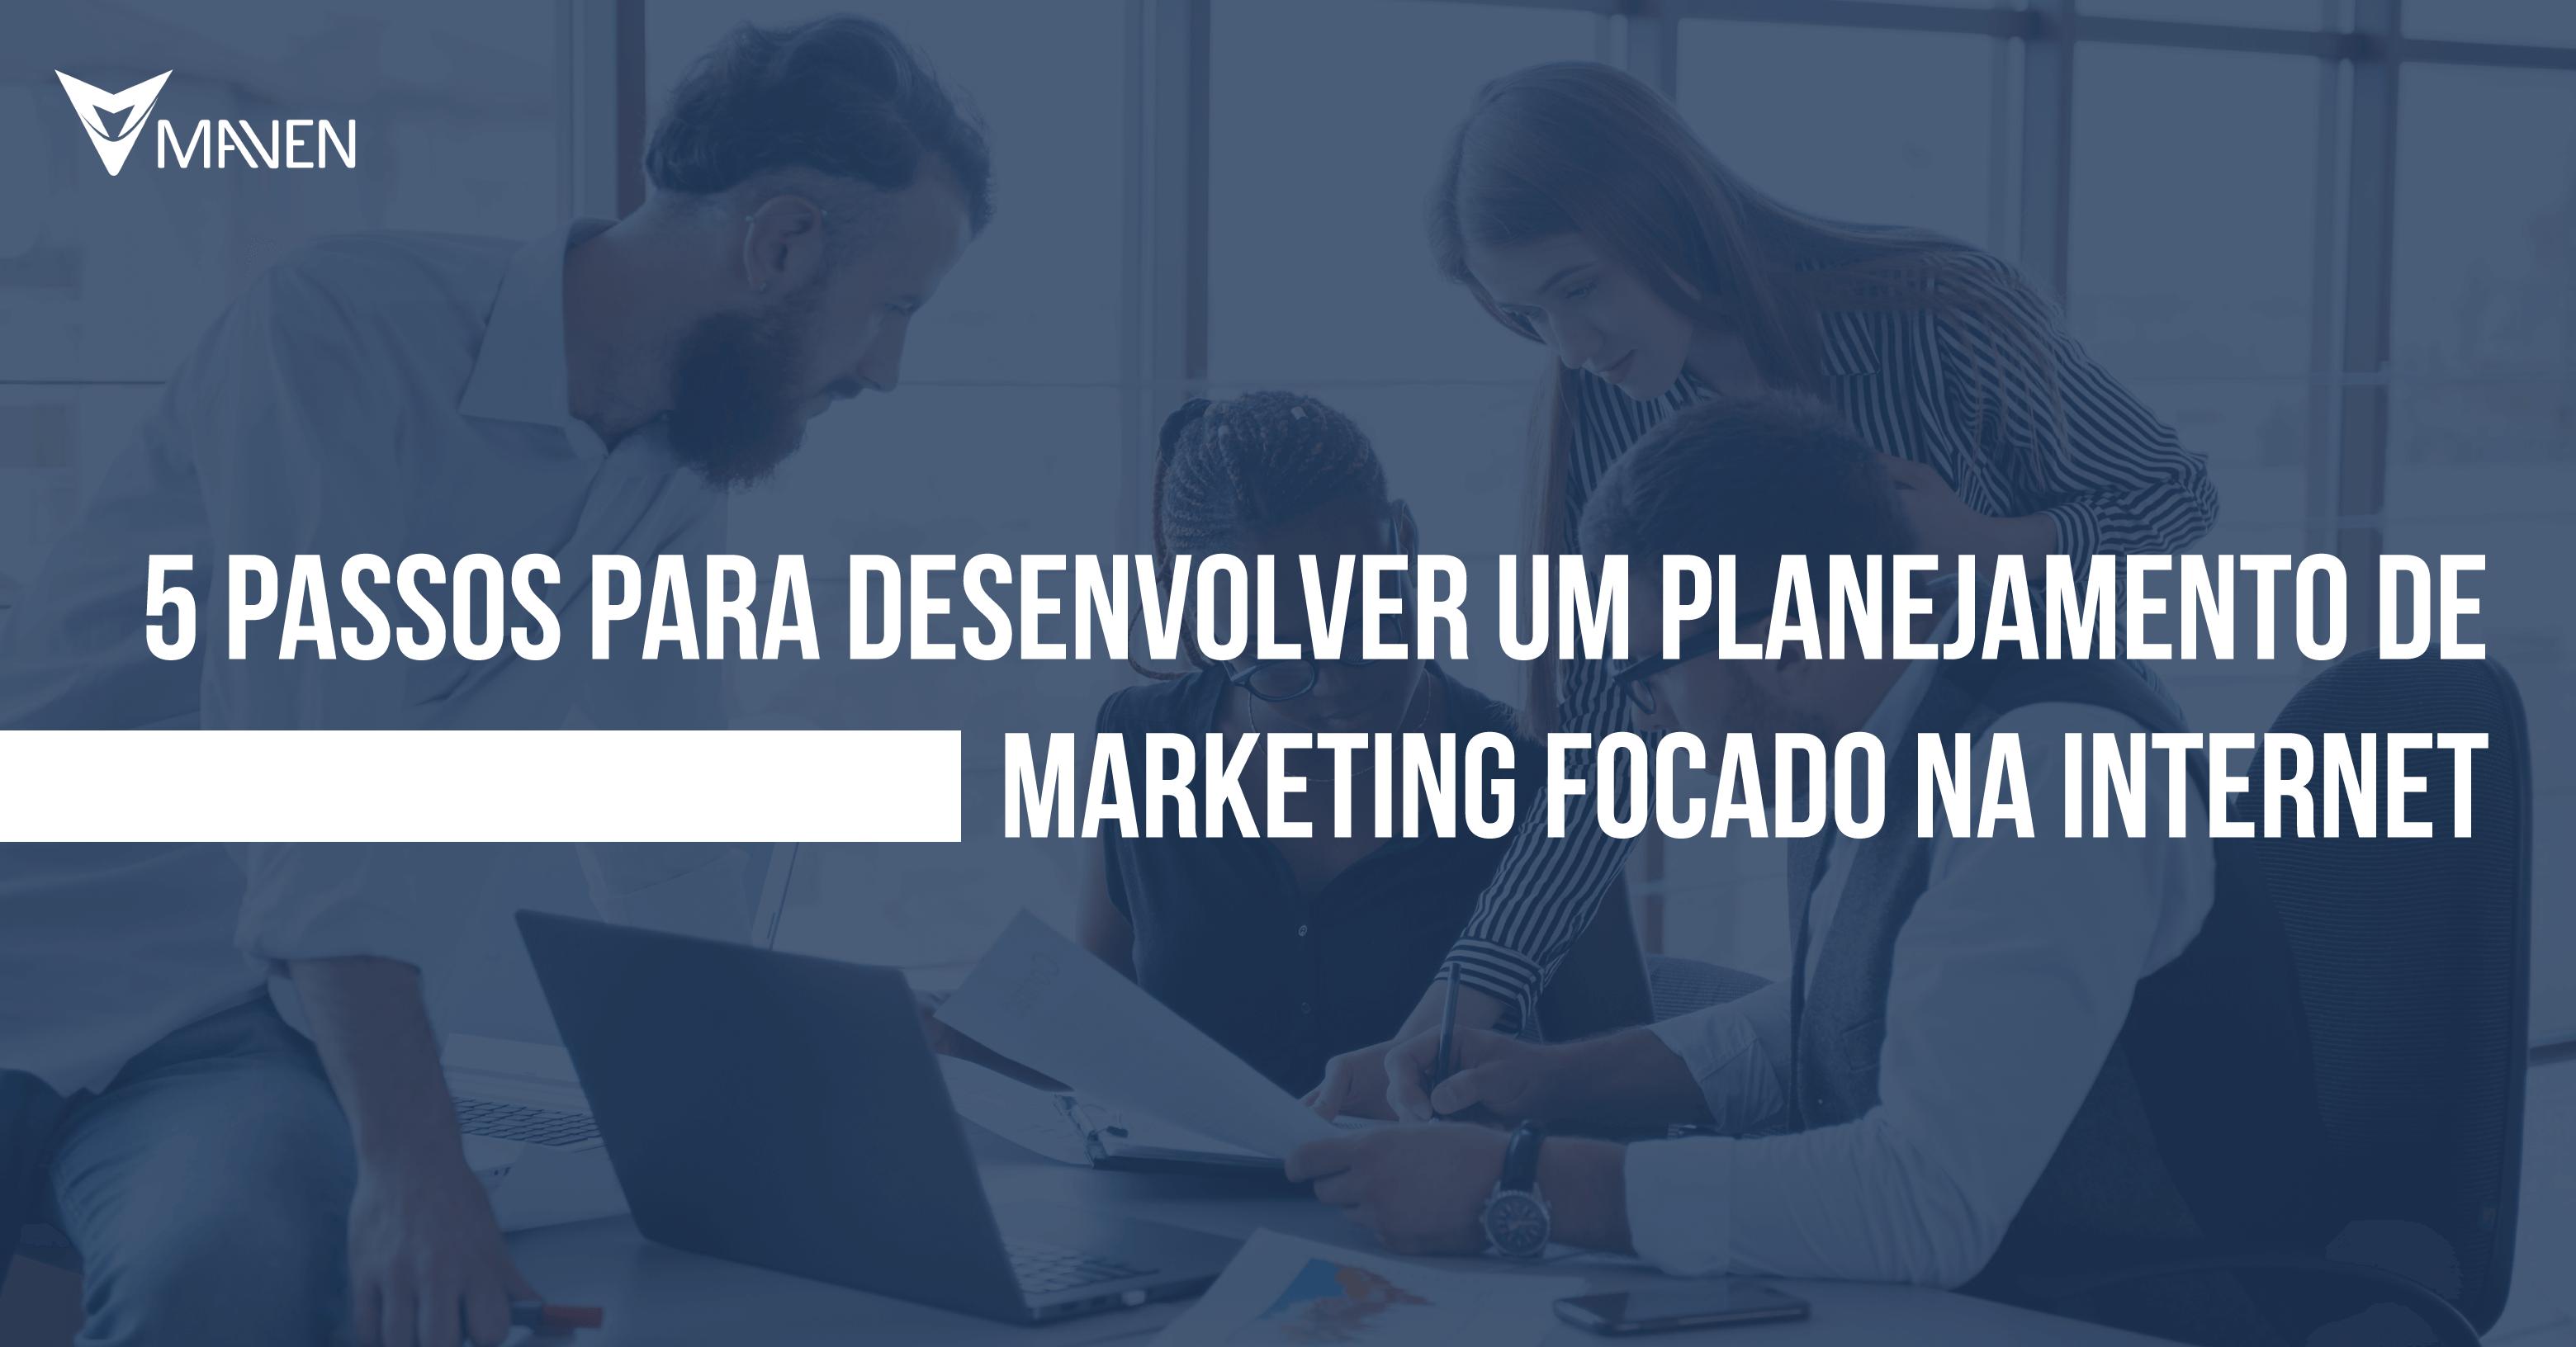 5 passos para desenvolver um planejamento de marketing focado na internet